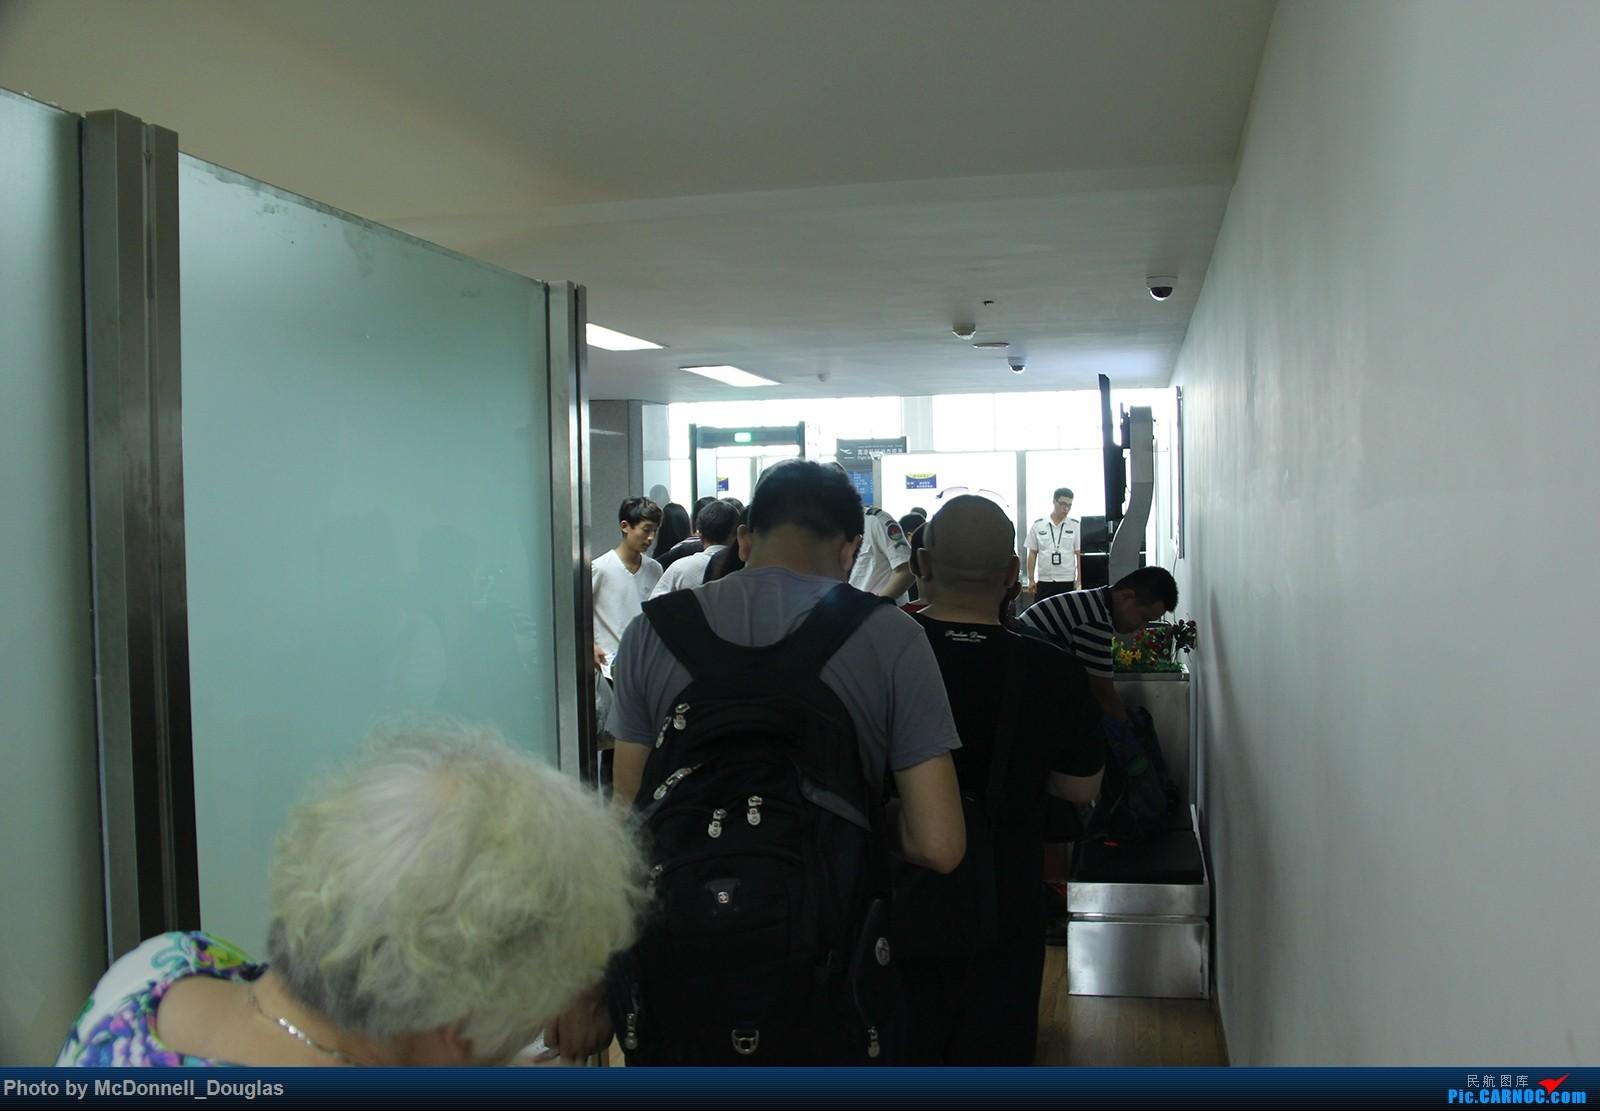 Re:[原创]【上海飞友会】【zc带你走天下(2)】再访祖辈年轻时工作的土地,父母年少时生活戈壁,跨越大半个中国去看新疆,回程小游蓉城(上)    中国乌鲁木齐地窝堡国际机场